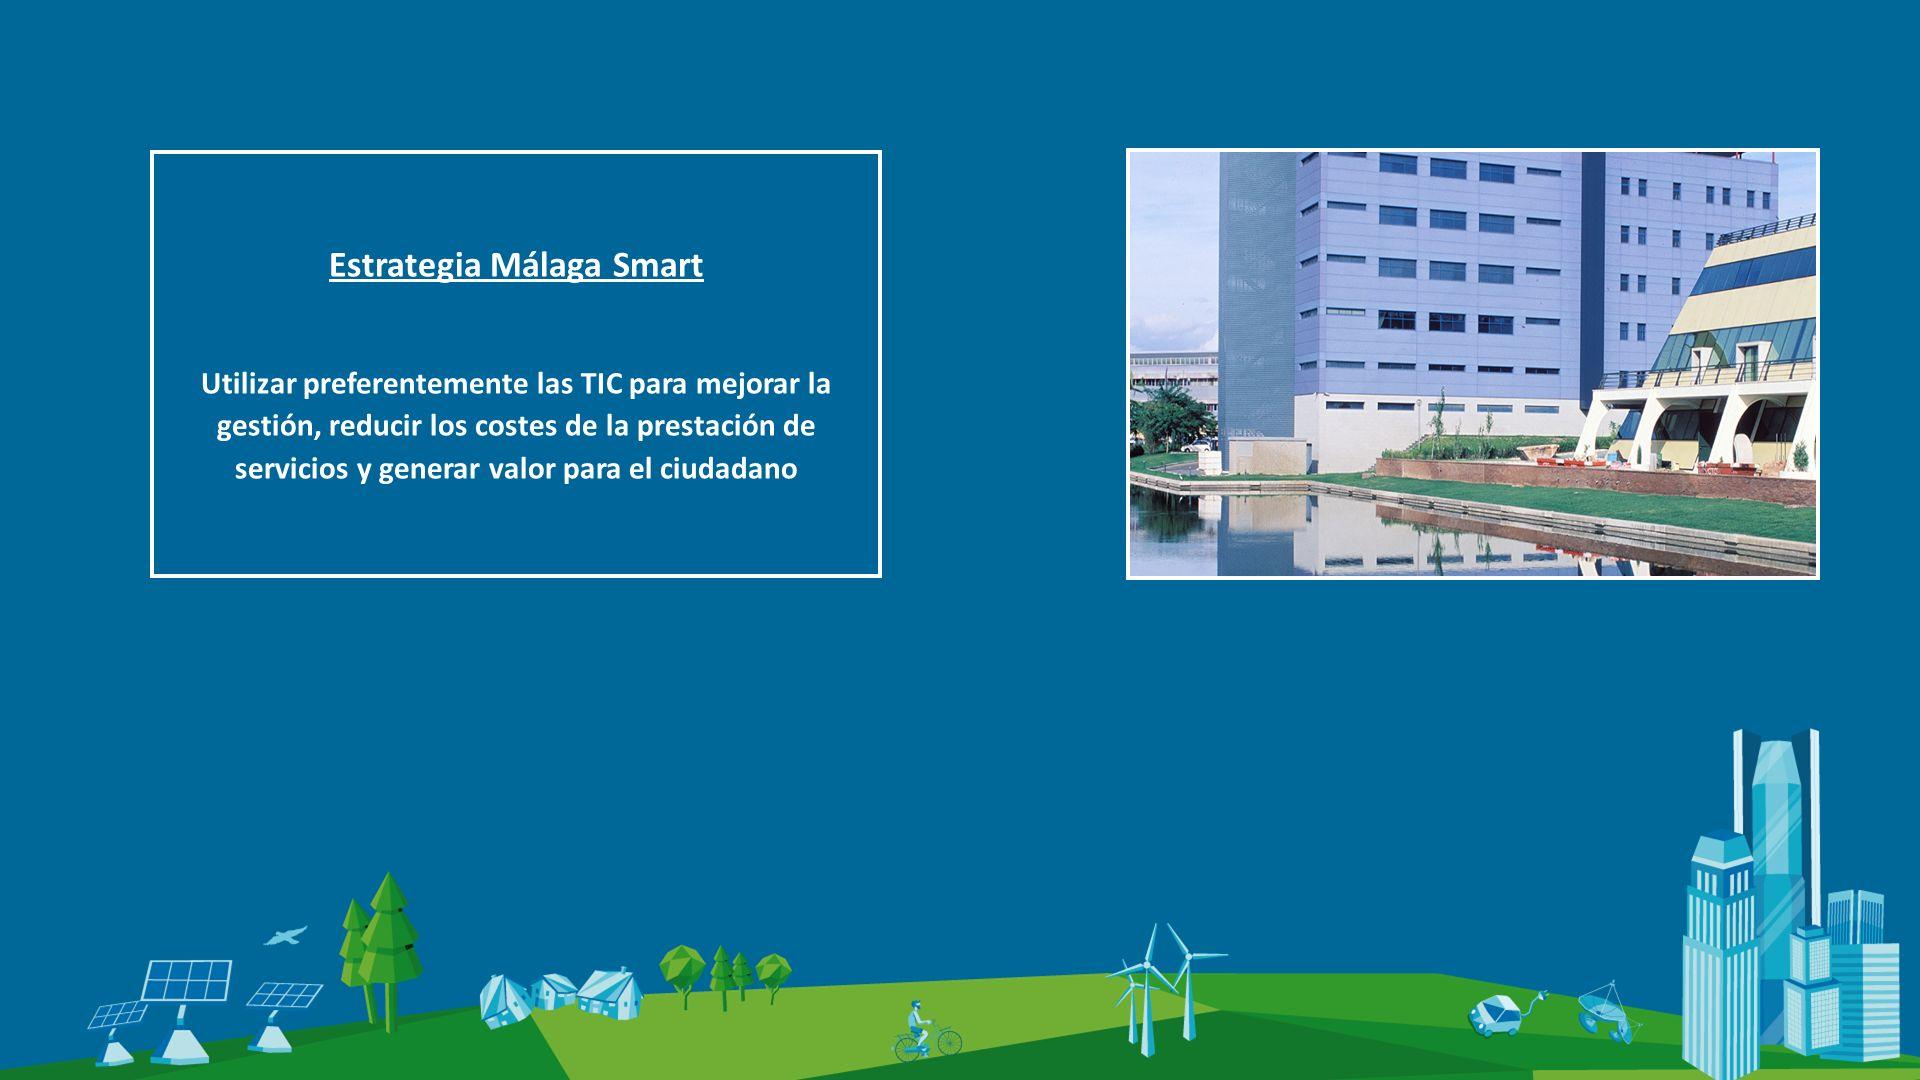 Estrategia Málaga Smart Utilizar preferentemente las TIC para mejorar la gestión, reducir los costes de la prestación de servicios y generar valor para el ciudadano